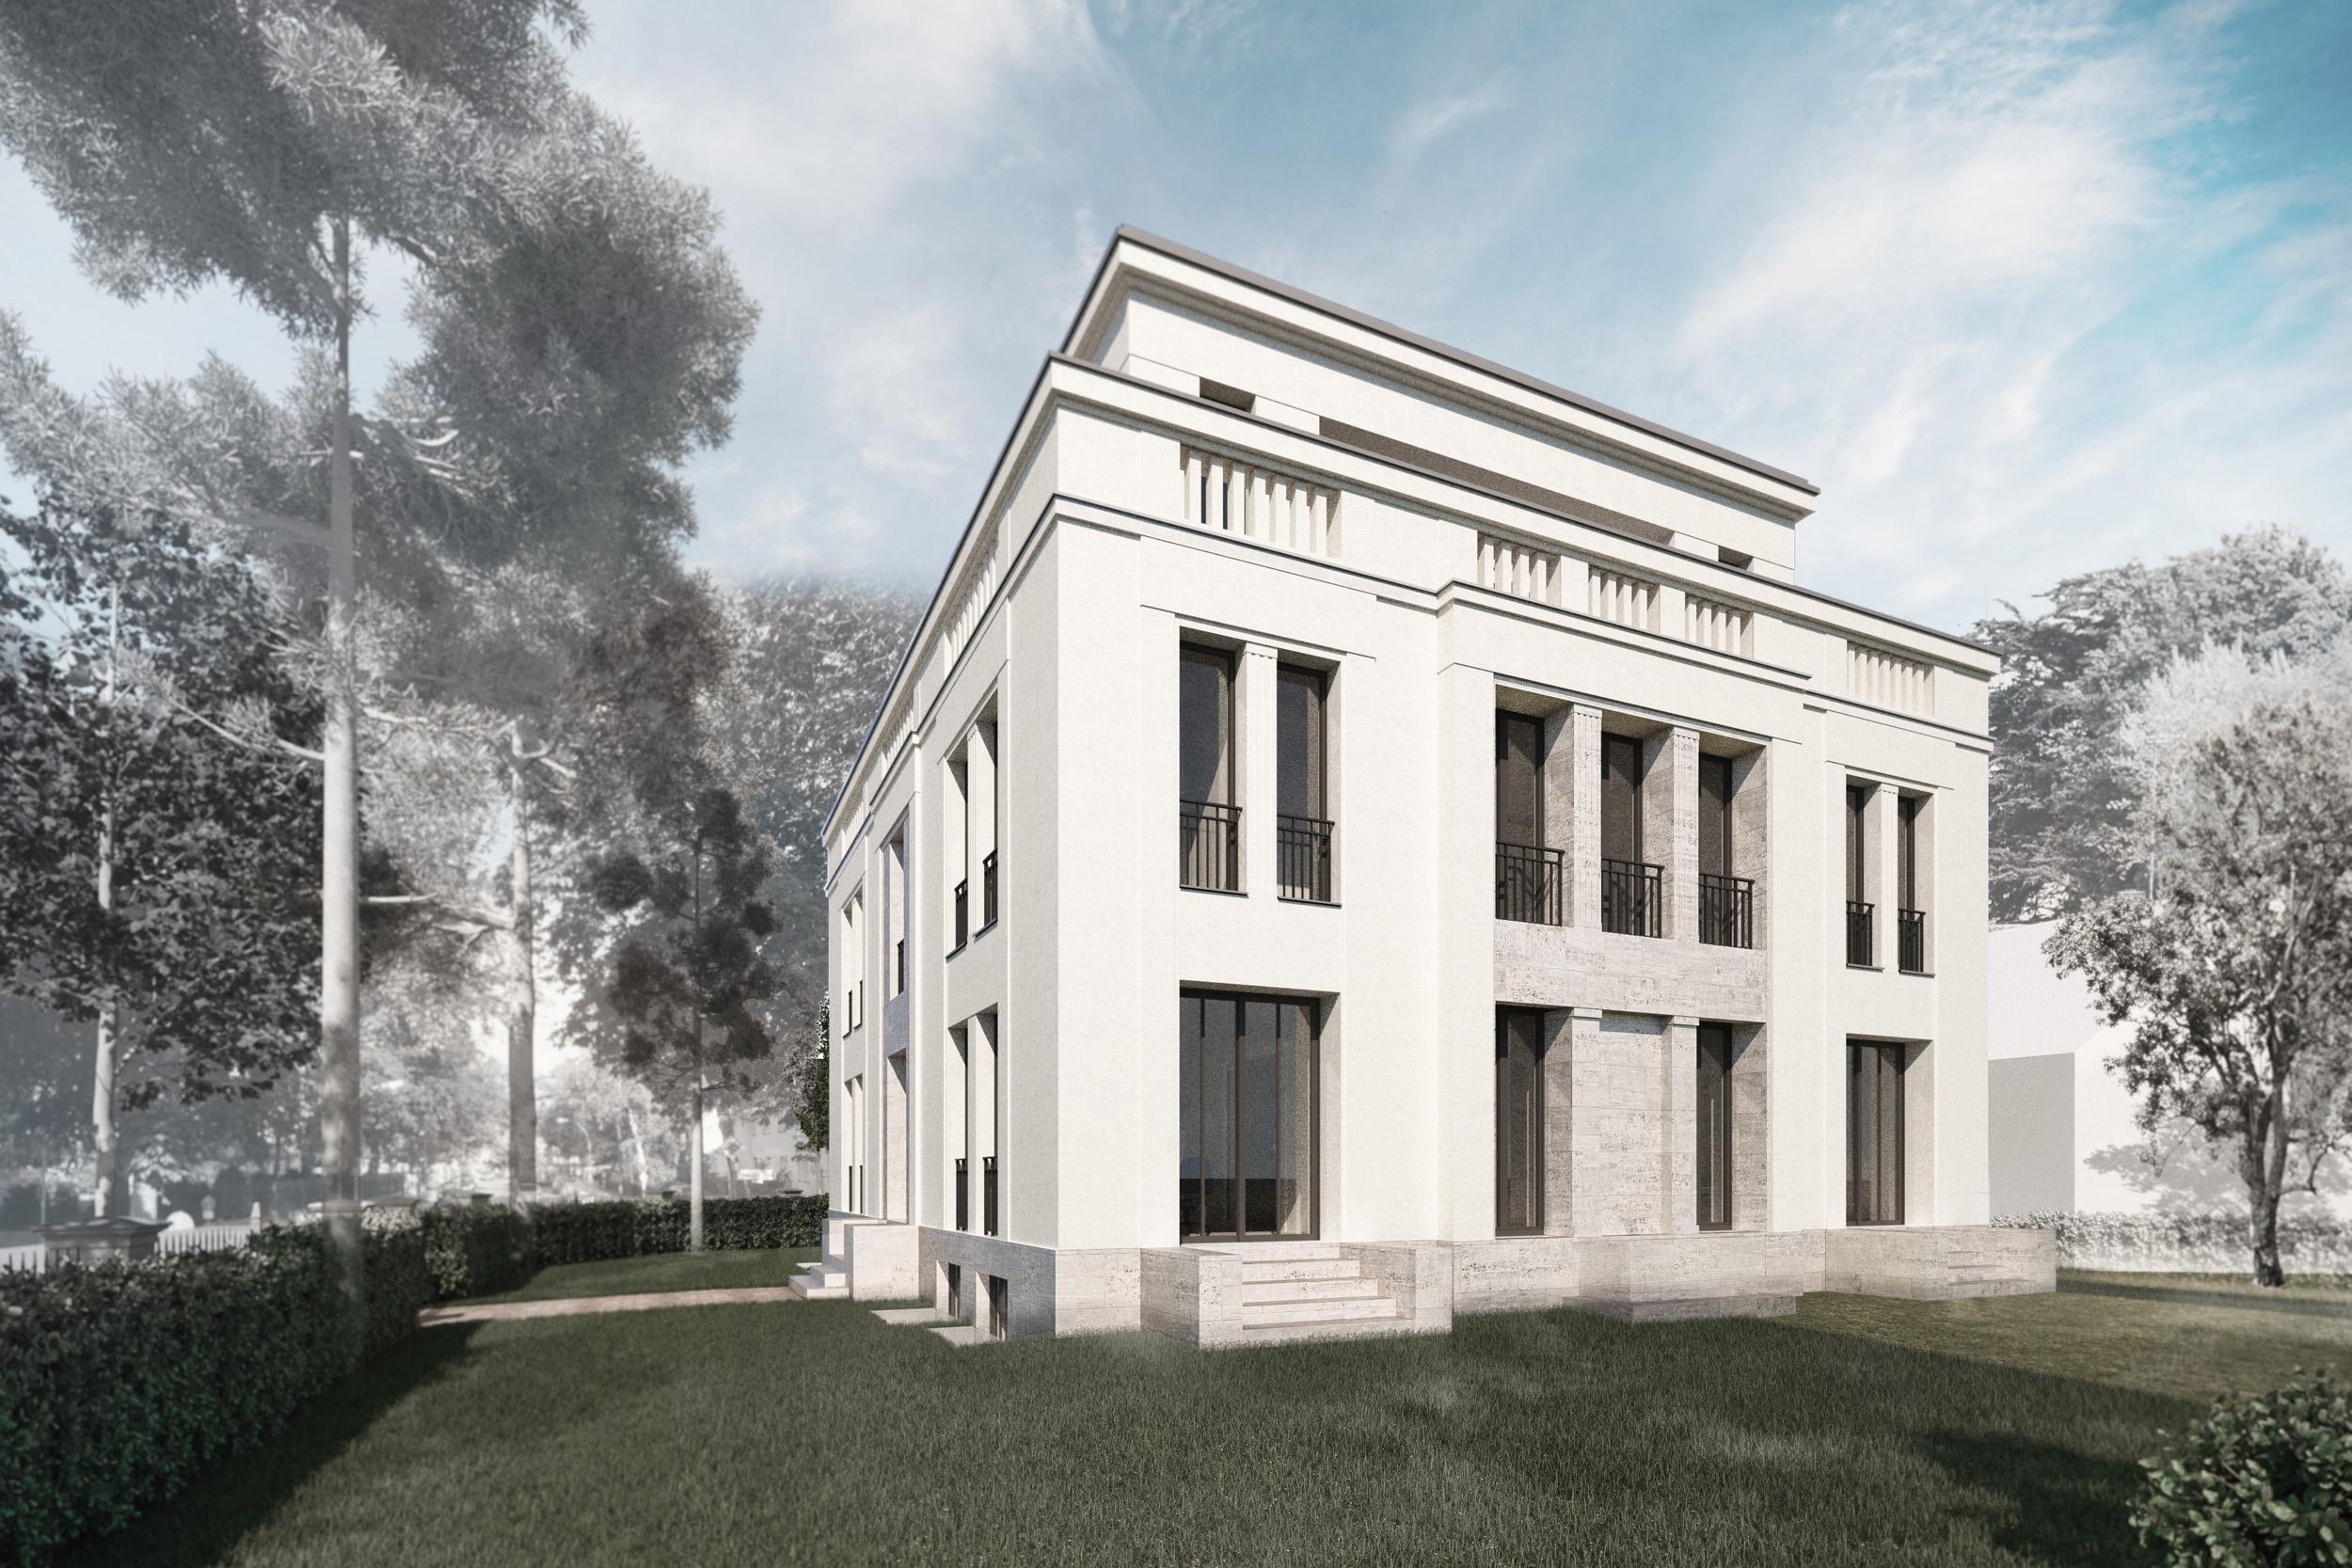 Bauen in klassischer Tradition im Berliner Grunewald - Die Loggia der Gartenfassade im Stil eines Portals mit Säulen.